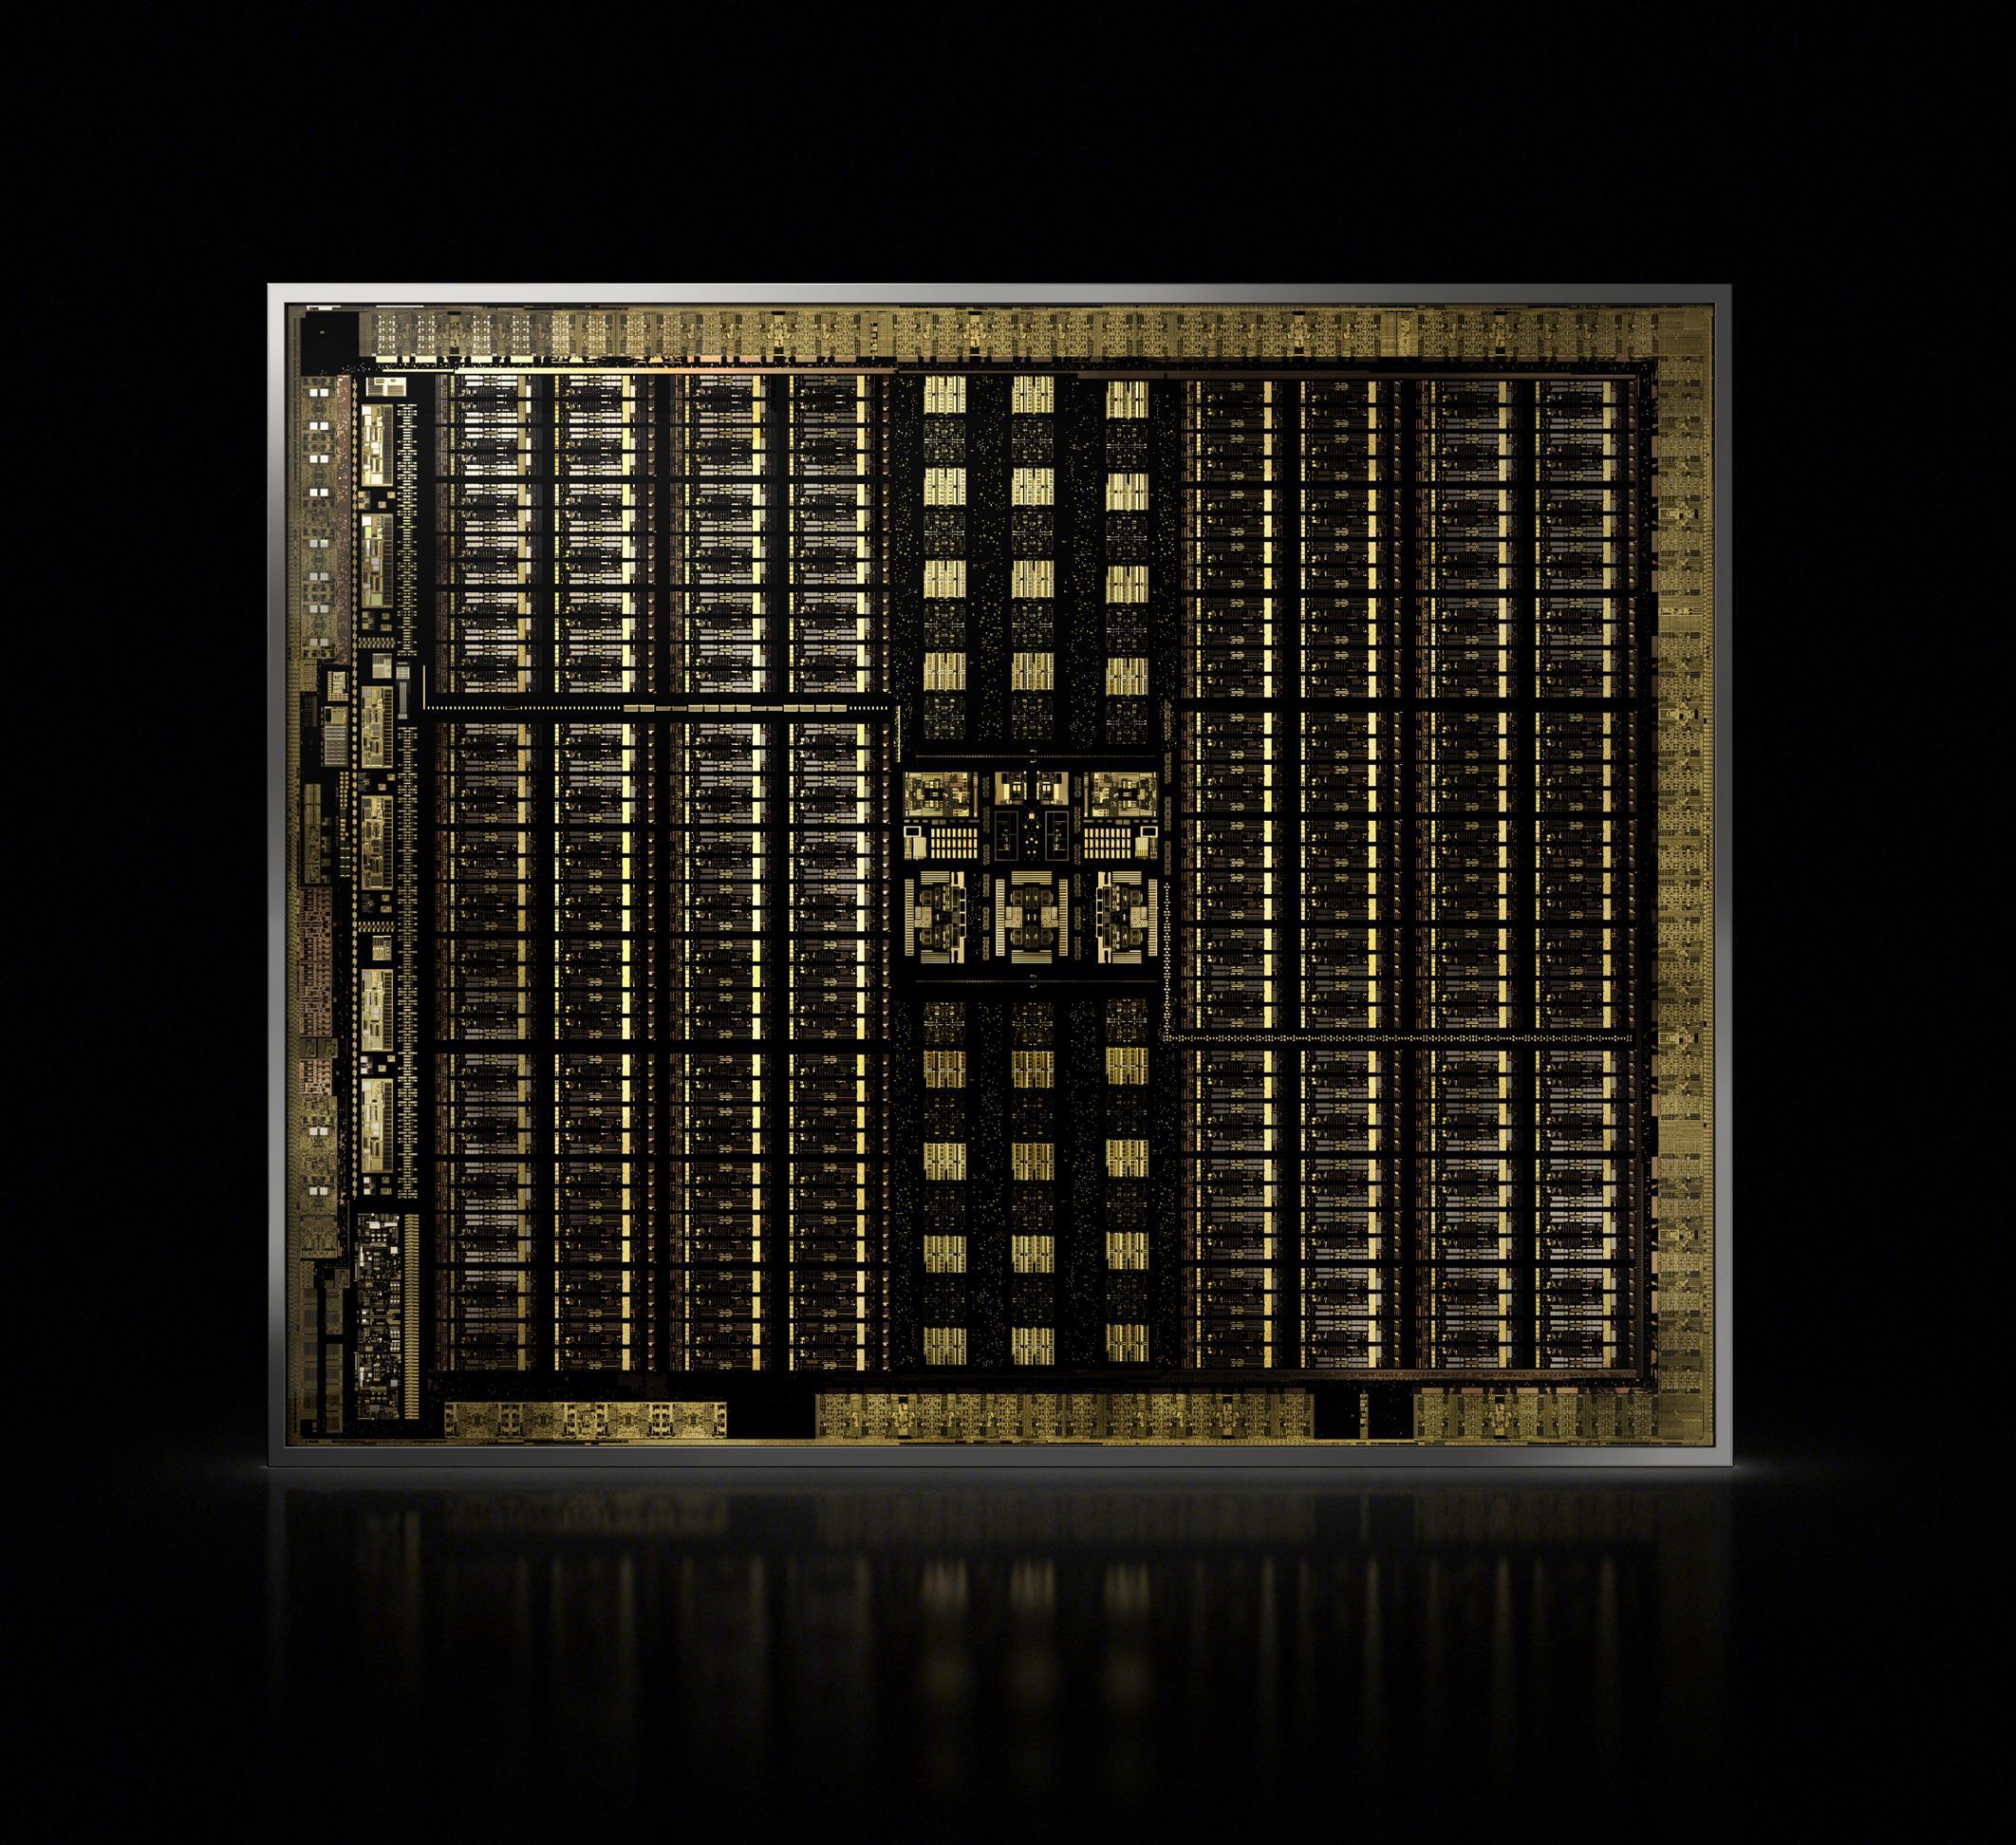 NVIDIA GeForce RTX 2080 3DMark Performance Benchmarks Leaked